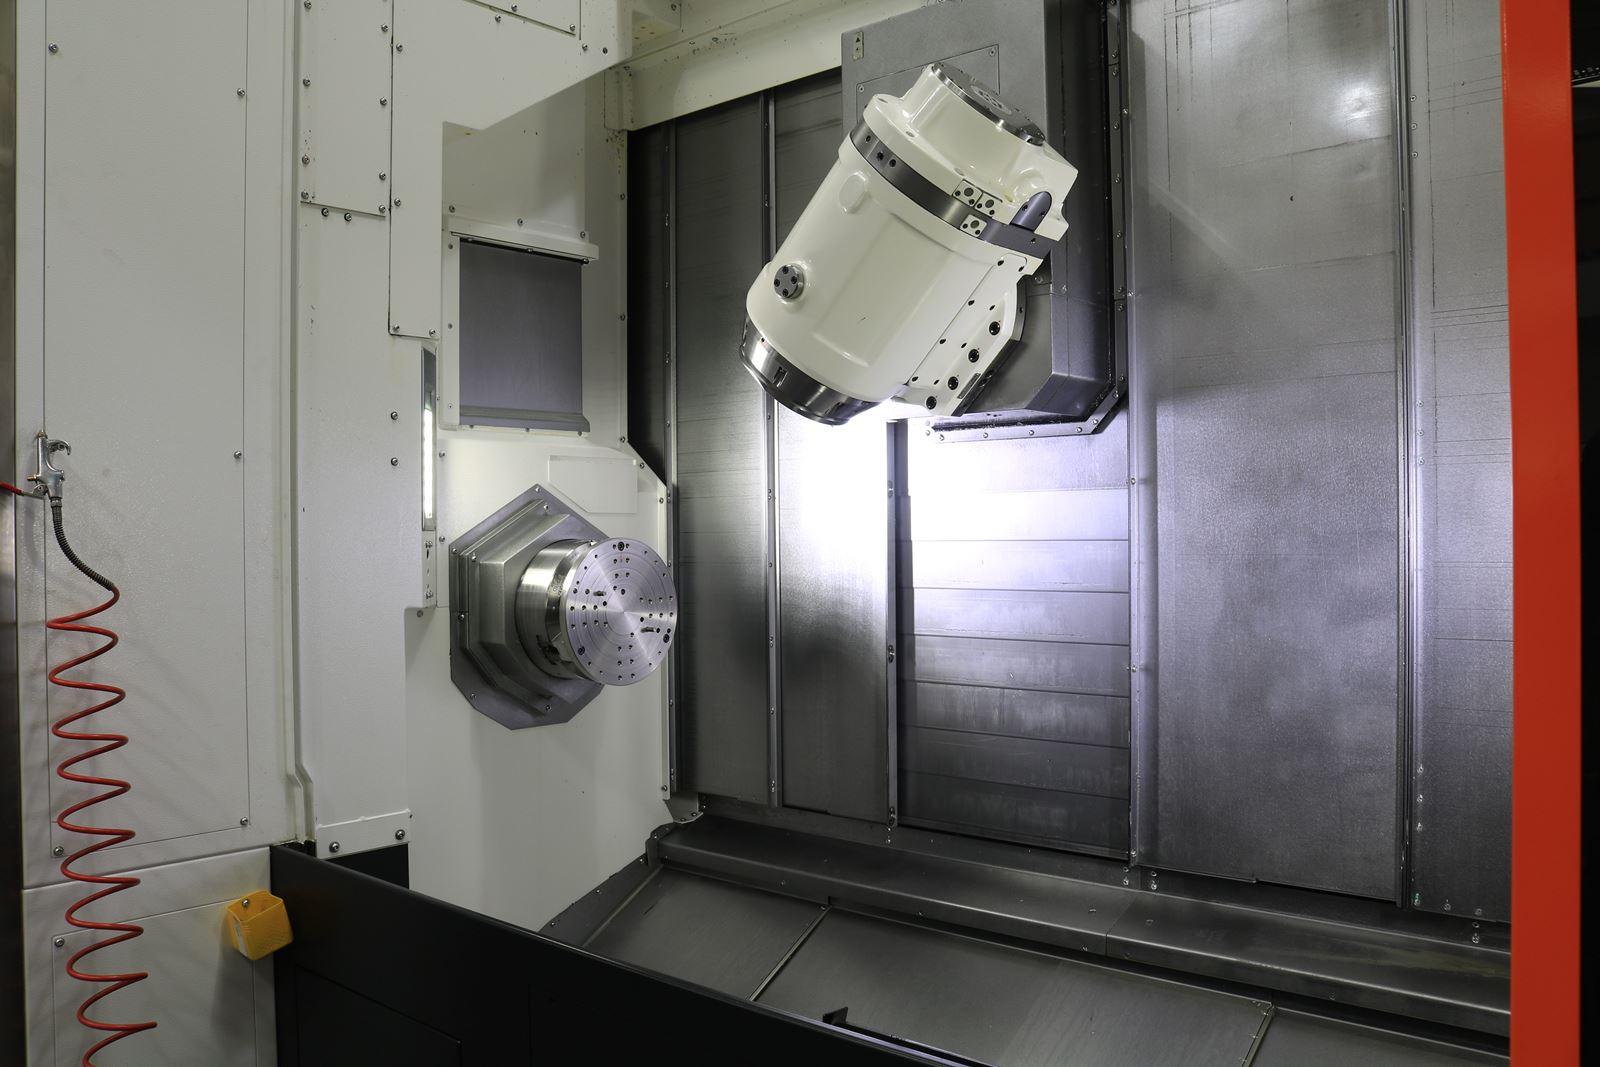 Mazak Integrex I200 Machine Head - UHV manufacturing